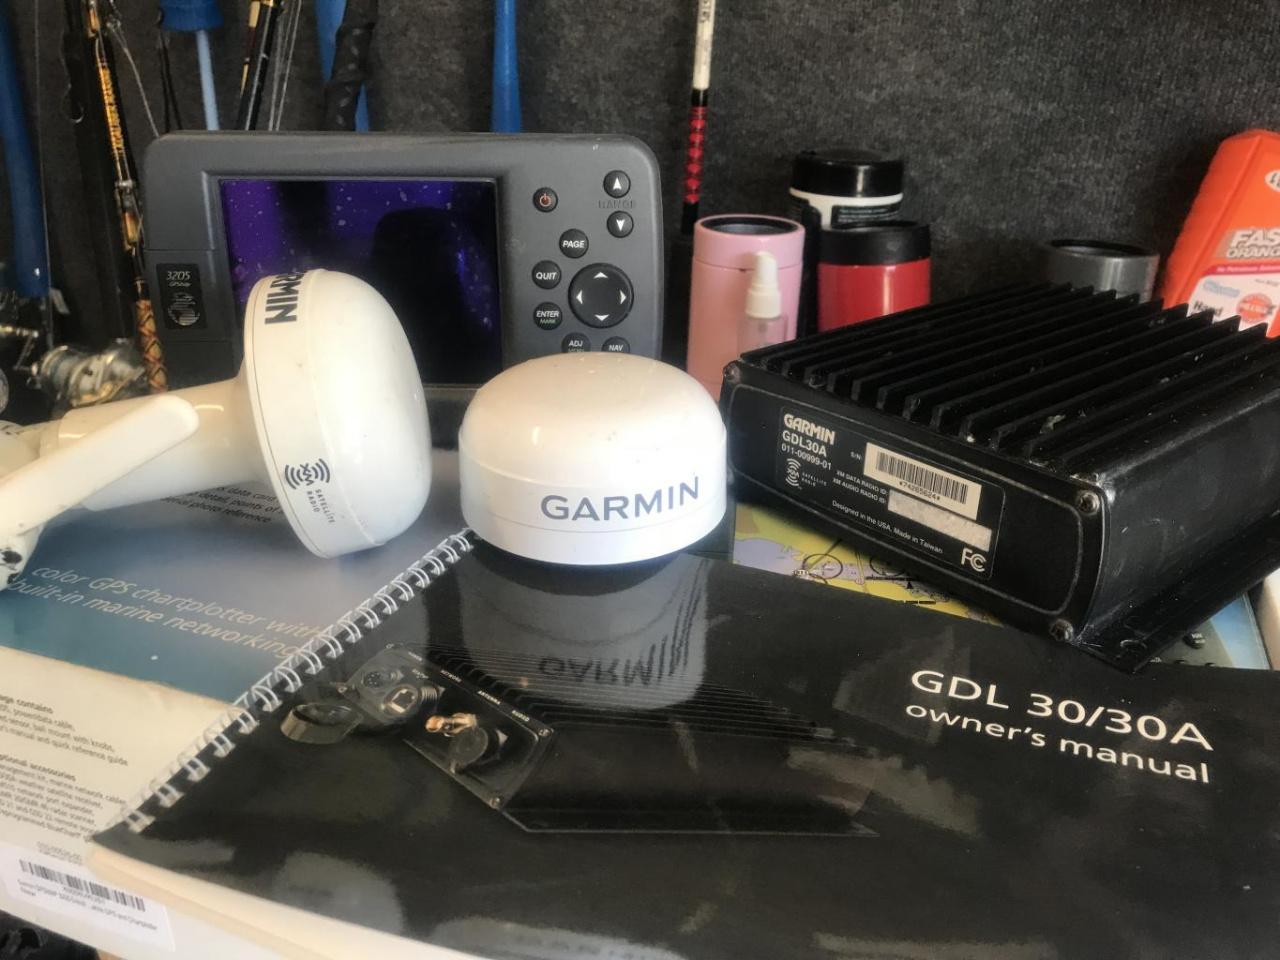 Garmin Gps , Antennas , Satellite Setup-4f4a3bb6-7ec1-40d4-9027-1479b8fb85ed_1580262940315-jpg